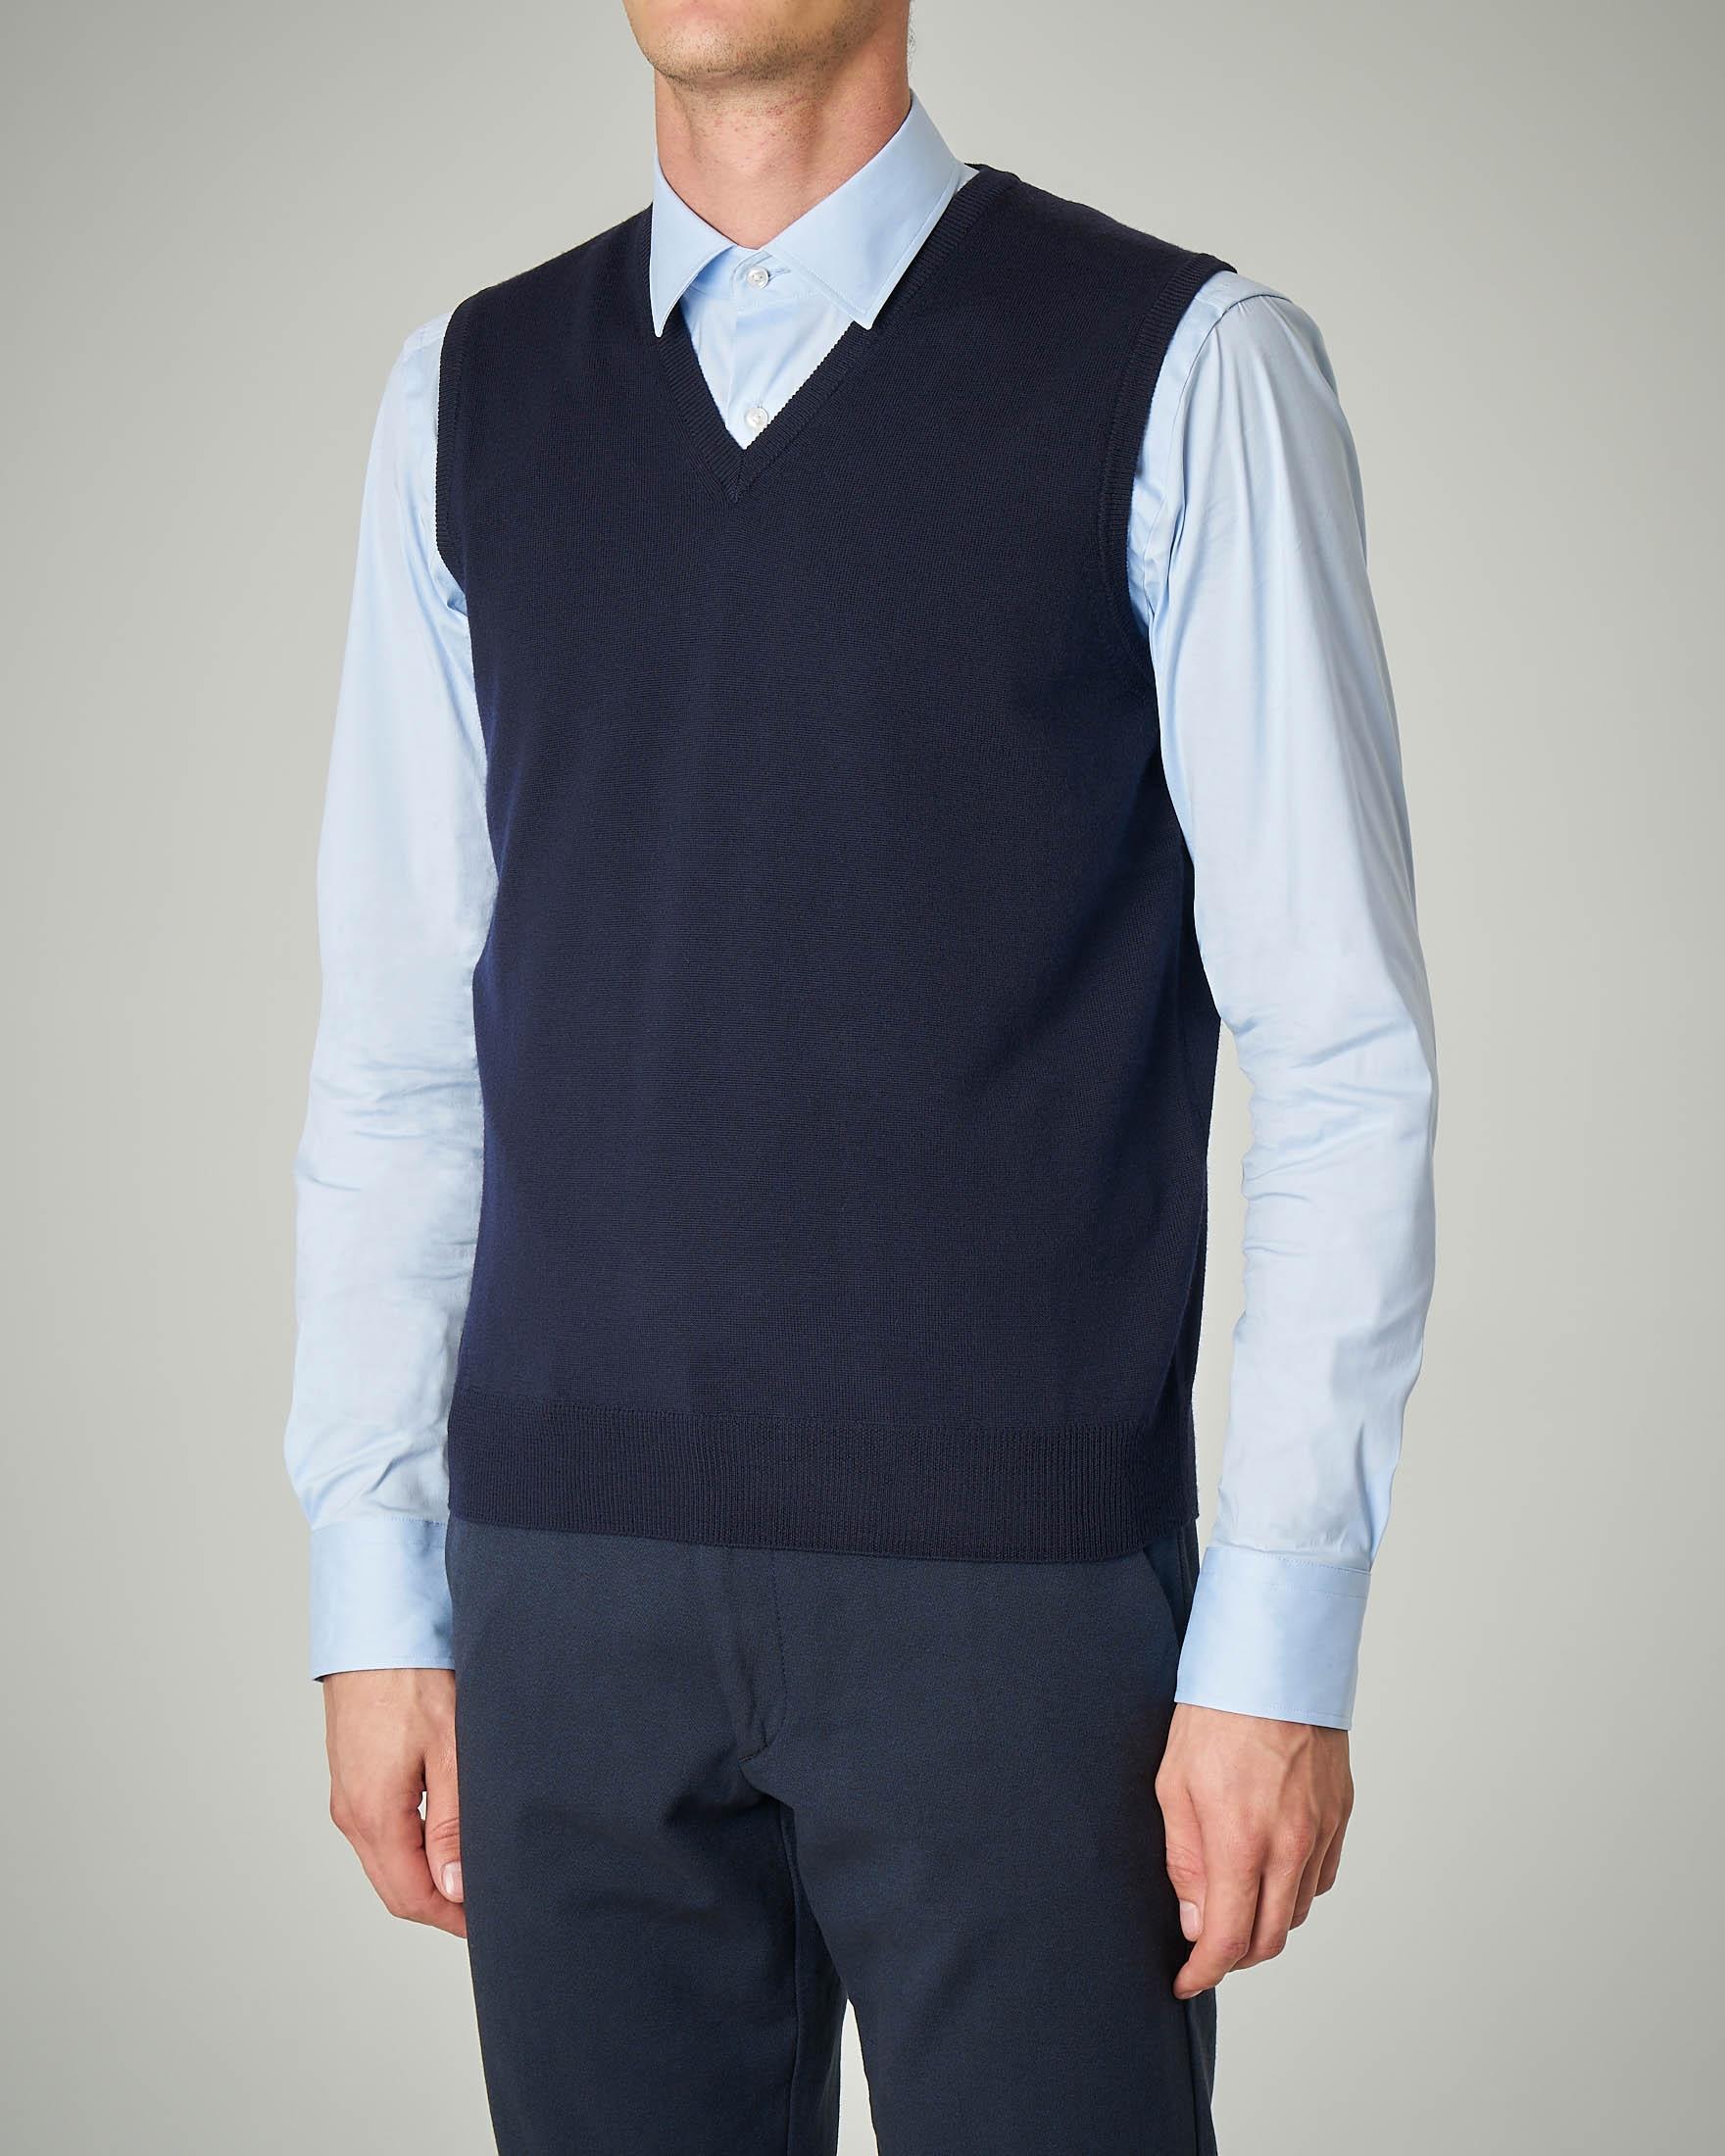 Gilet blu scollo a V in lana merino